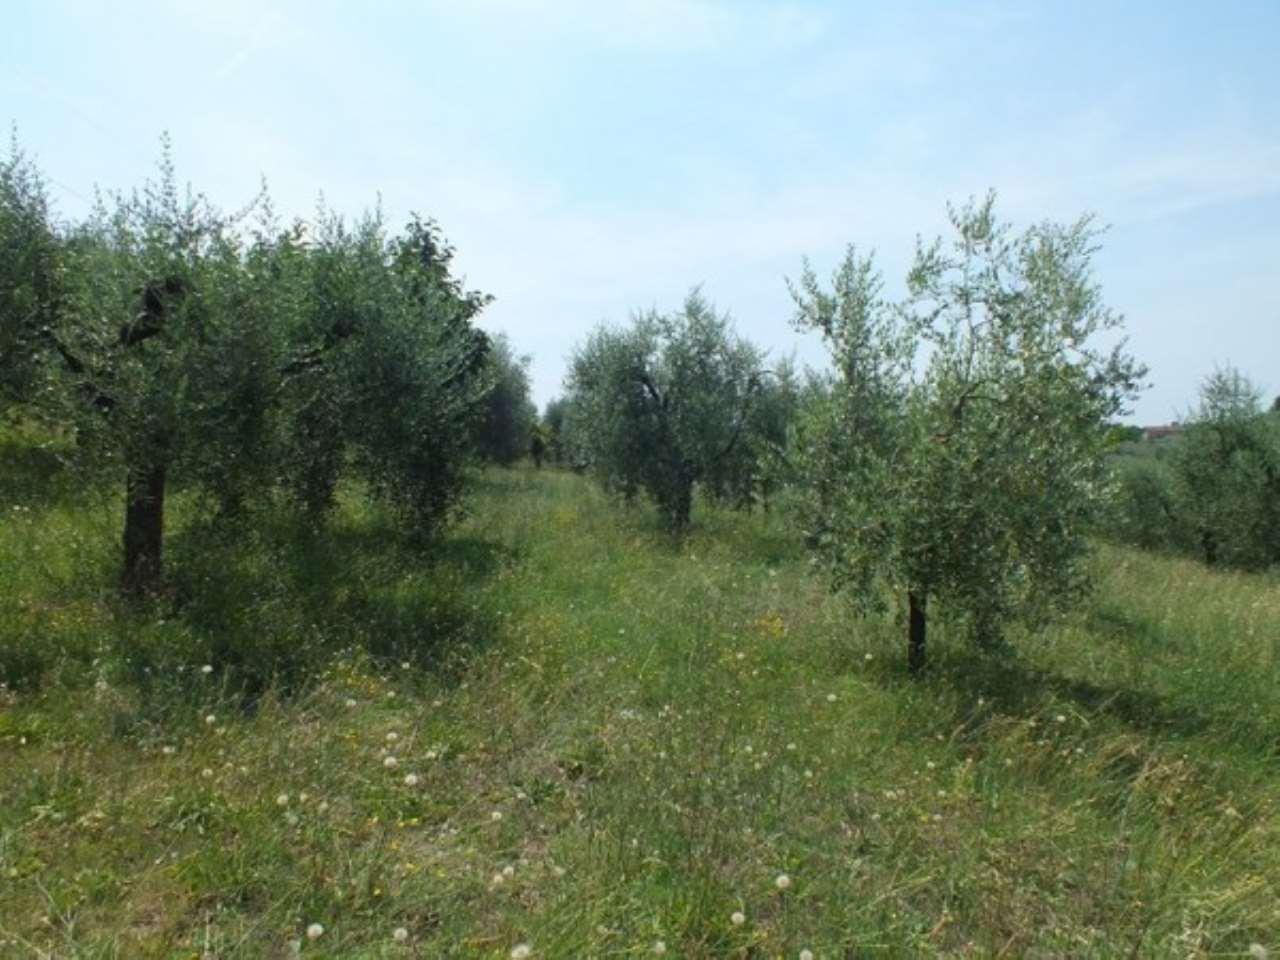 Terreno Agricolo in vendita a Montopoli di Sabina, 9999 locali, prezzo € 50.000 | Cambio Casa.it